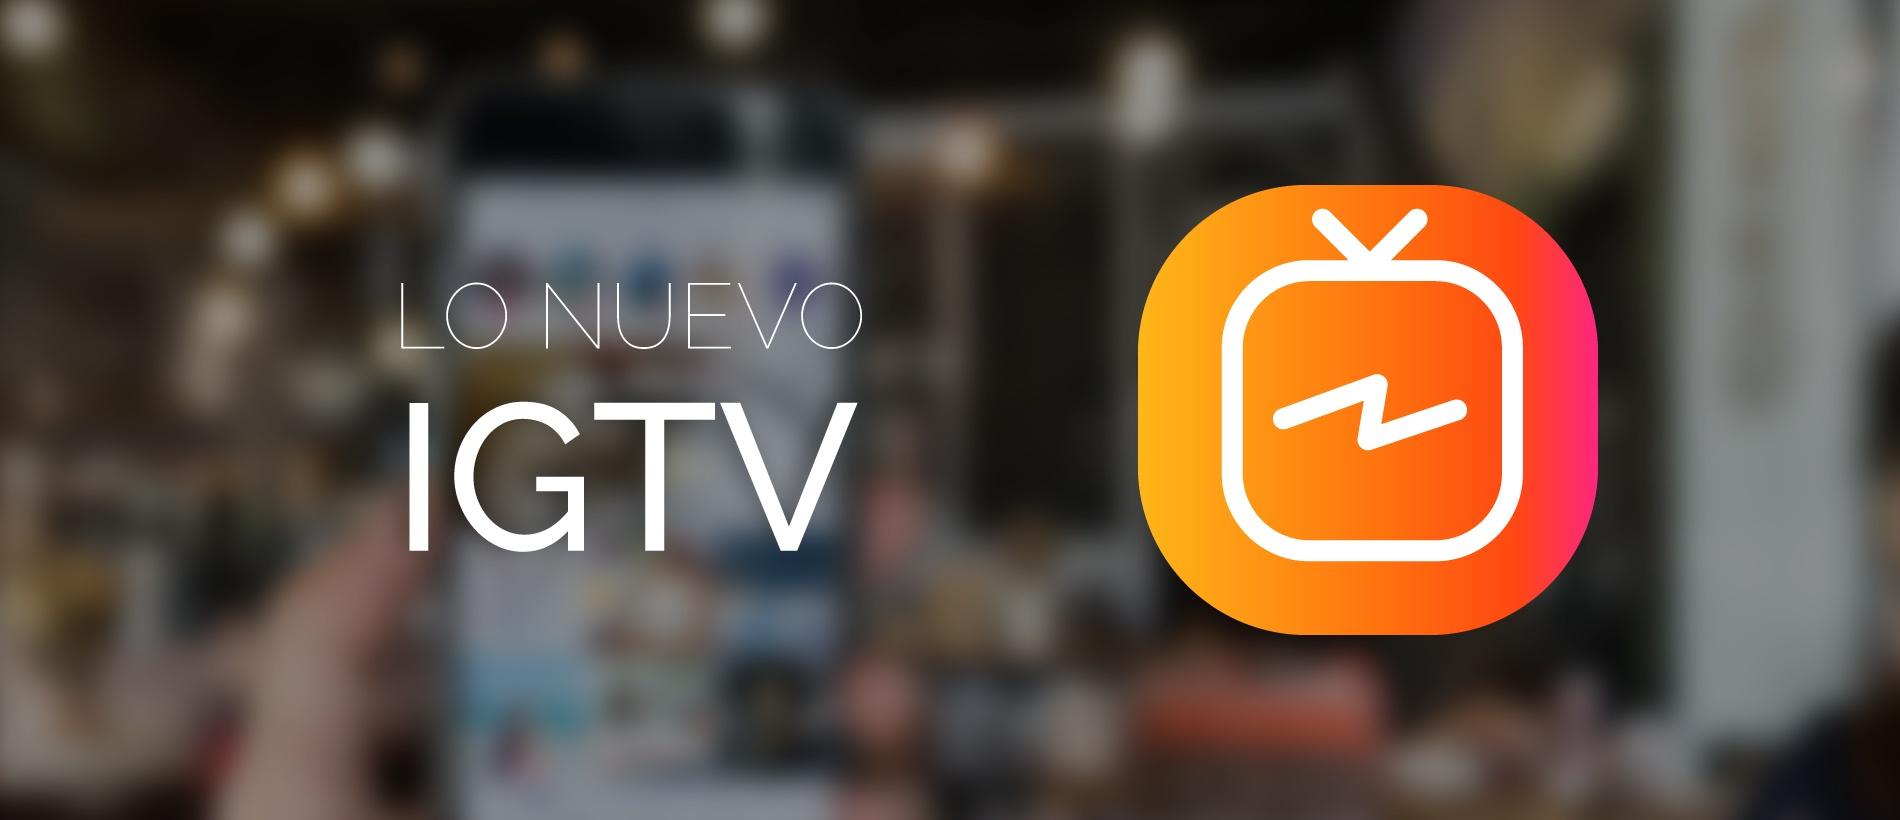 IGTV: Todo lo que necesitas saber de la nueva app de Instagram